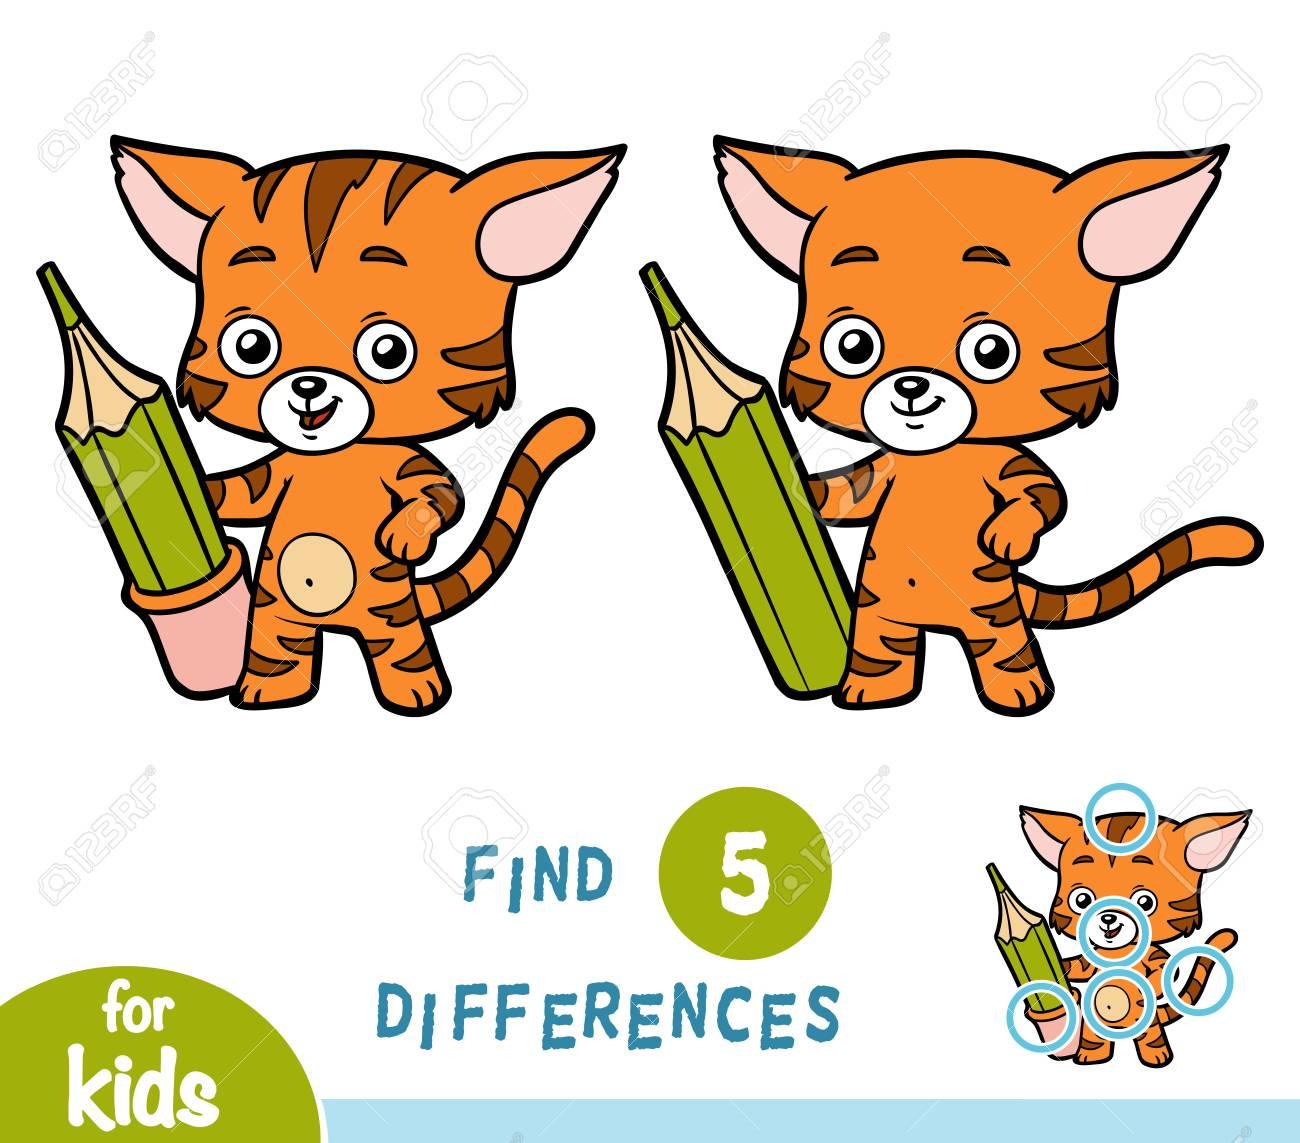 Encuentra Diferencias Juegos Educativos Para Ninos Gato Y Lapiz